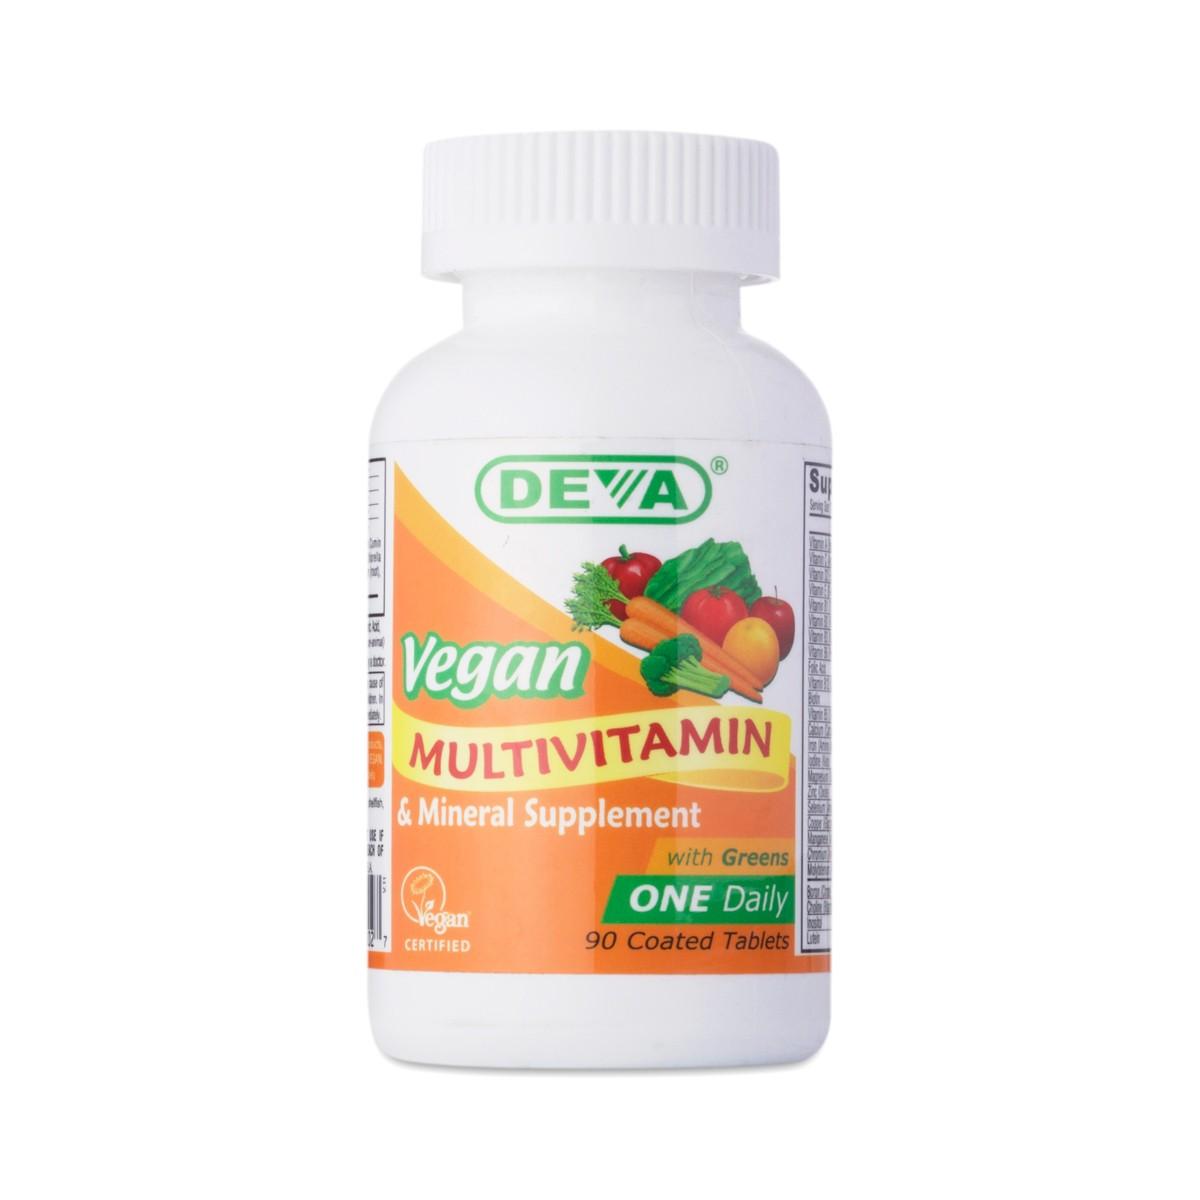 Multivitamins for vegans